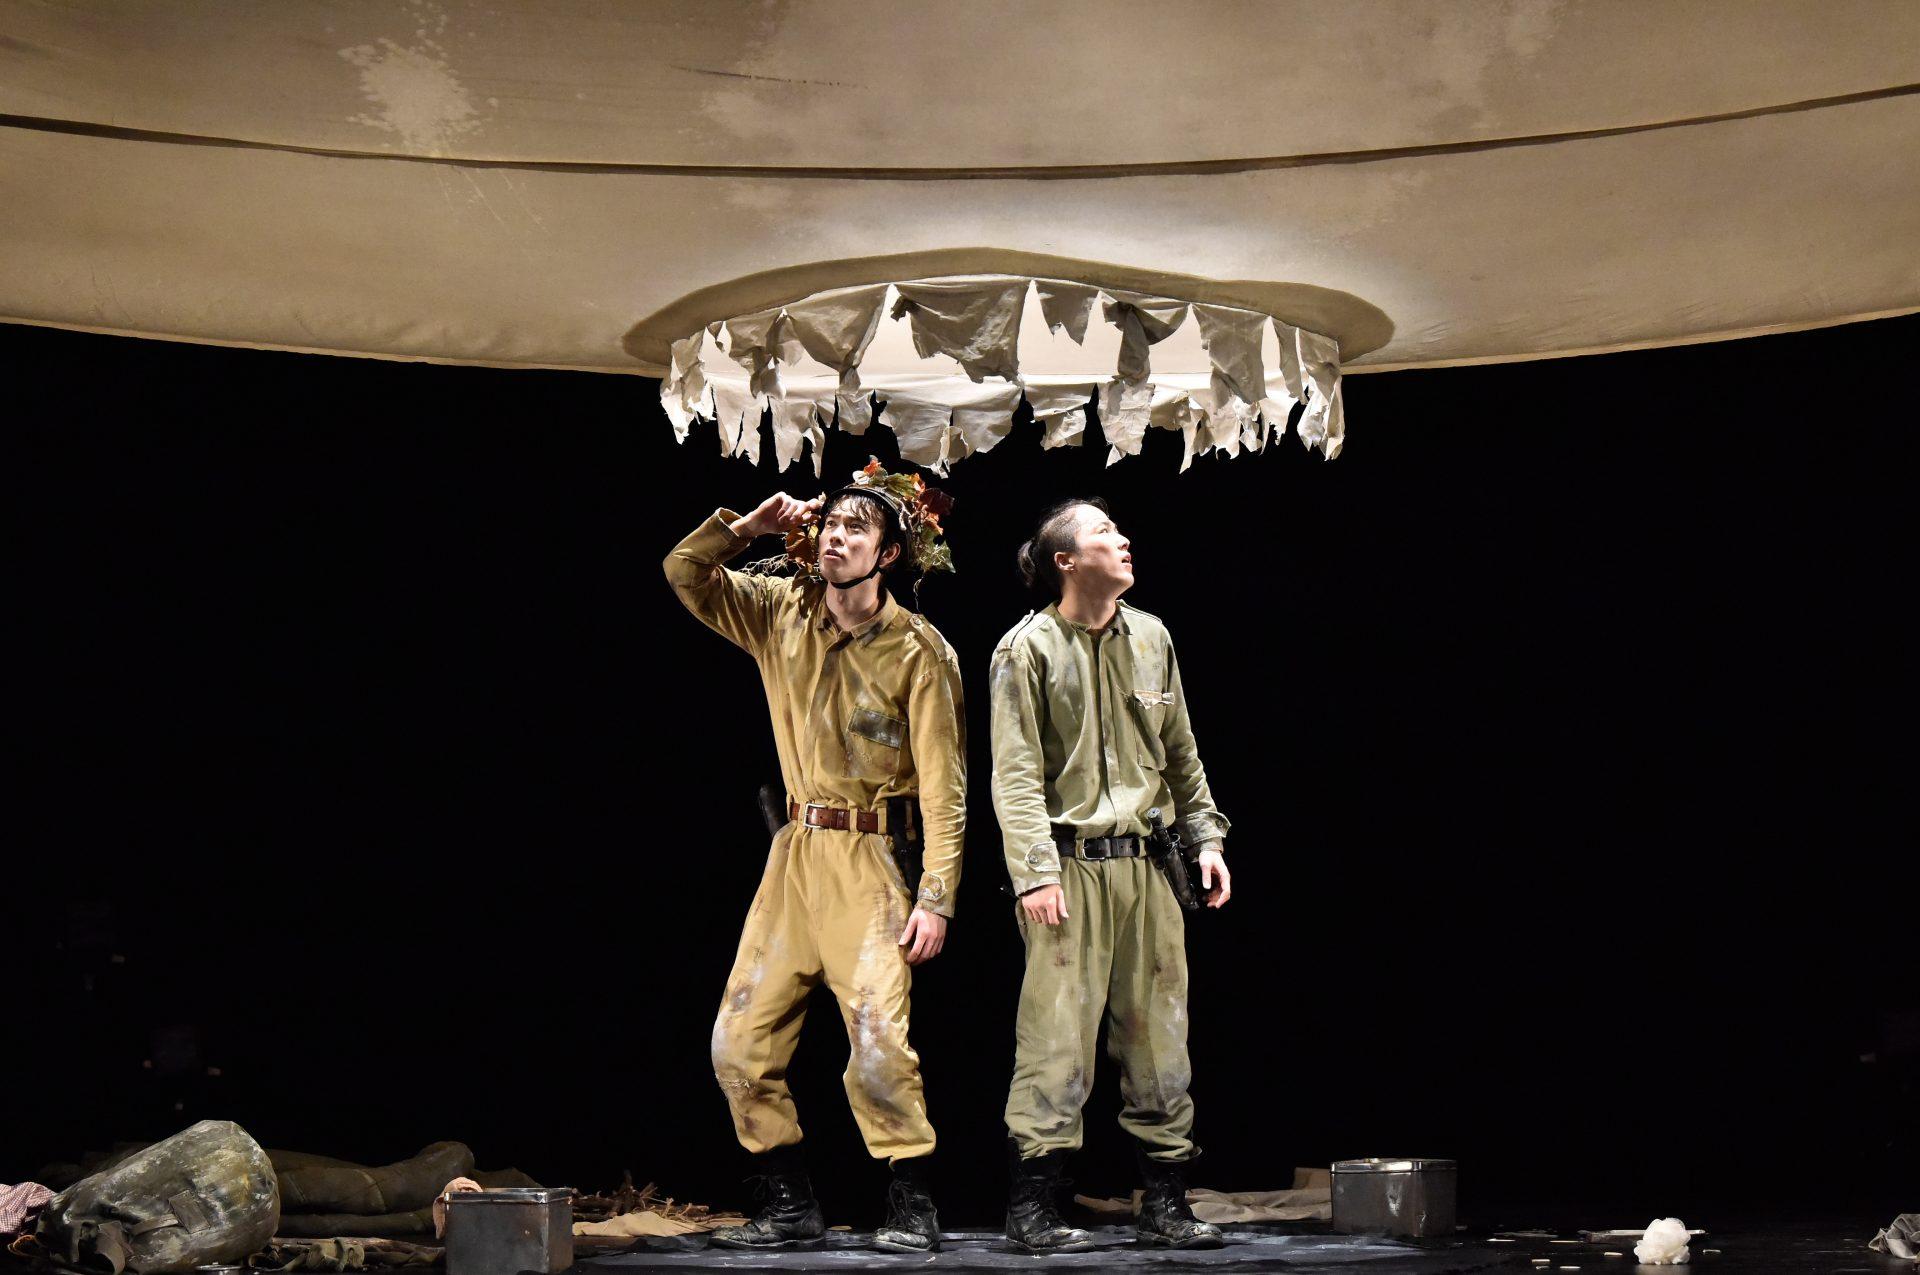 作品メインビジュアル。二人の兵士が、舞台から吊るされた大きな穴の下に立ち、上を見上げている。